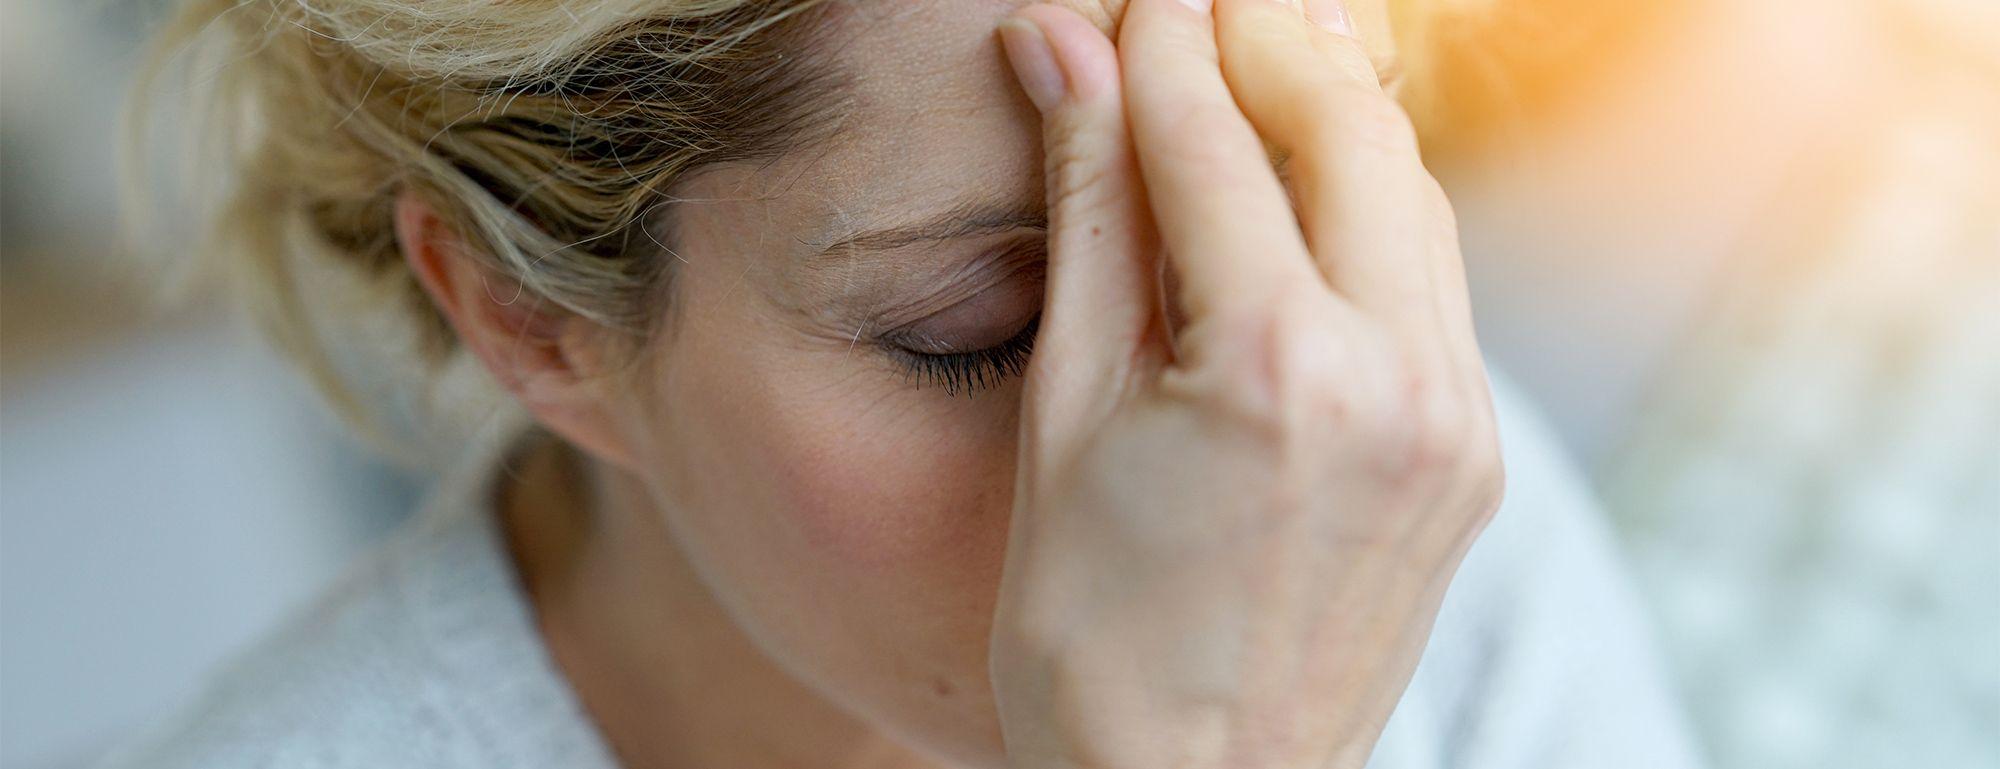 Headache Or Migraine Symptoms?